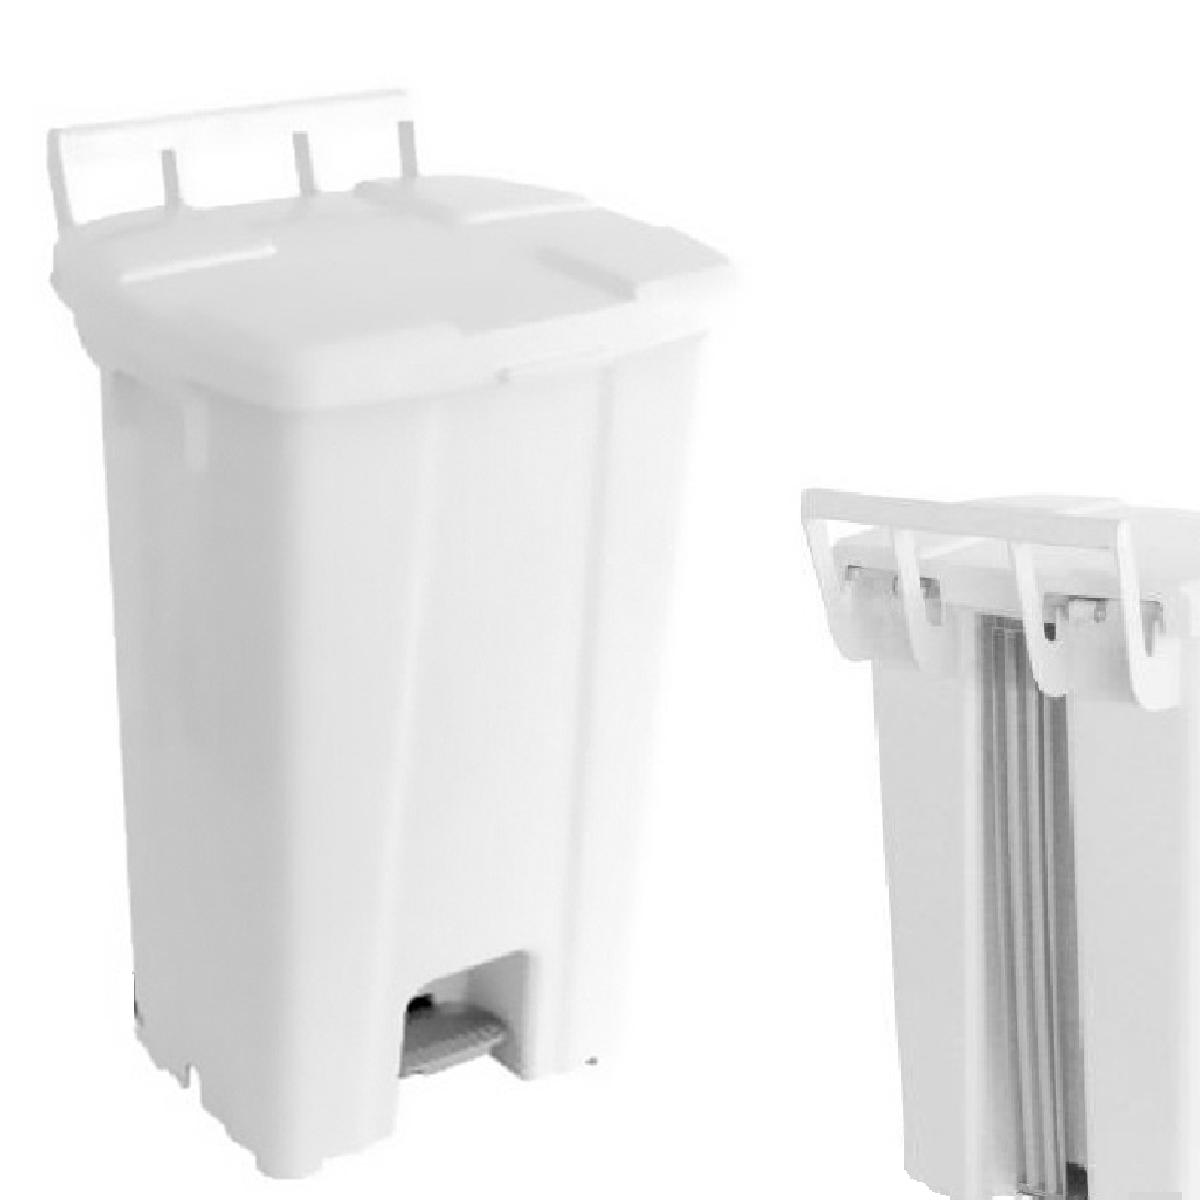 Cesta De Lixo Lixeira Com Pedal e Rodas 100 Litros C/ Suporte Branca JSN  - LZ COZINHA